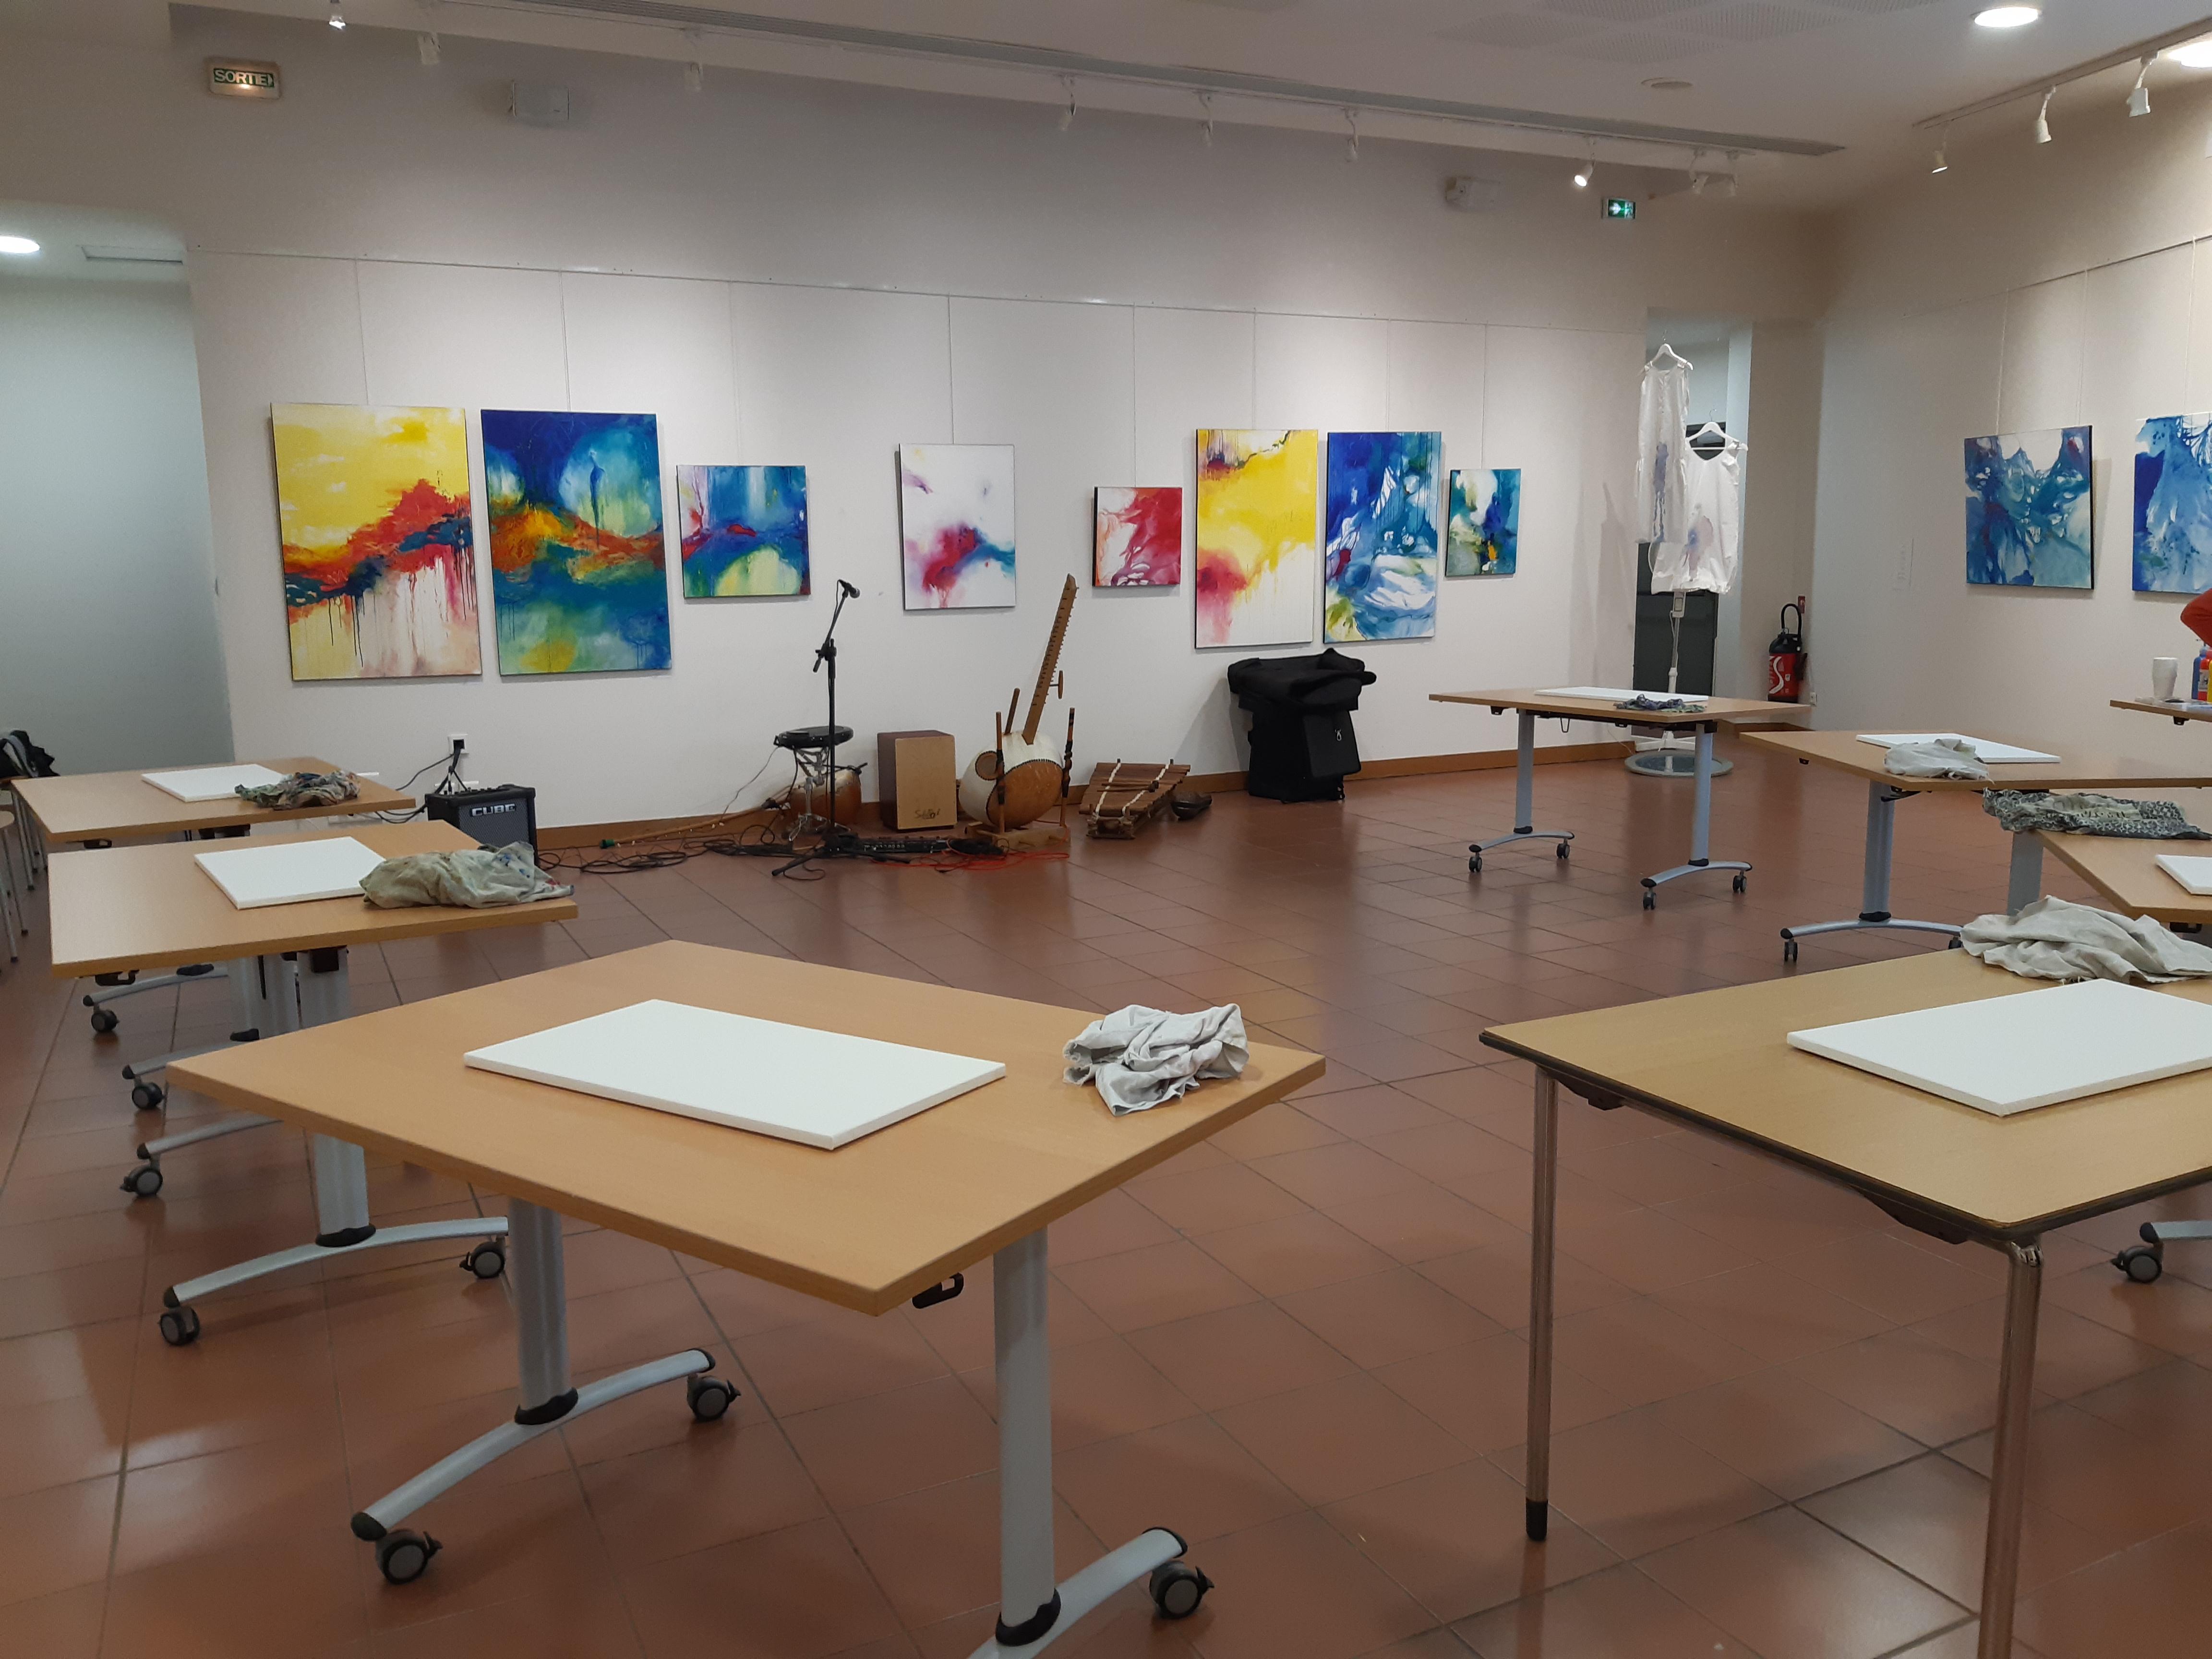 Atelier de peinture sensorielle en musique live